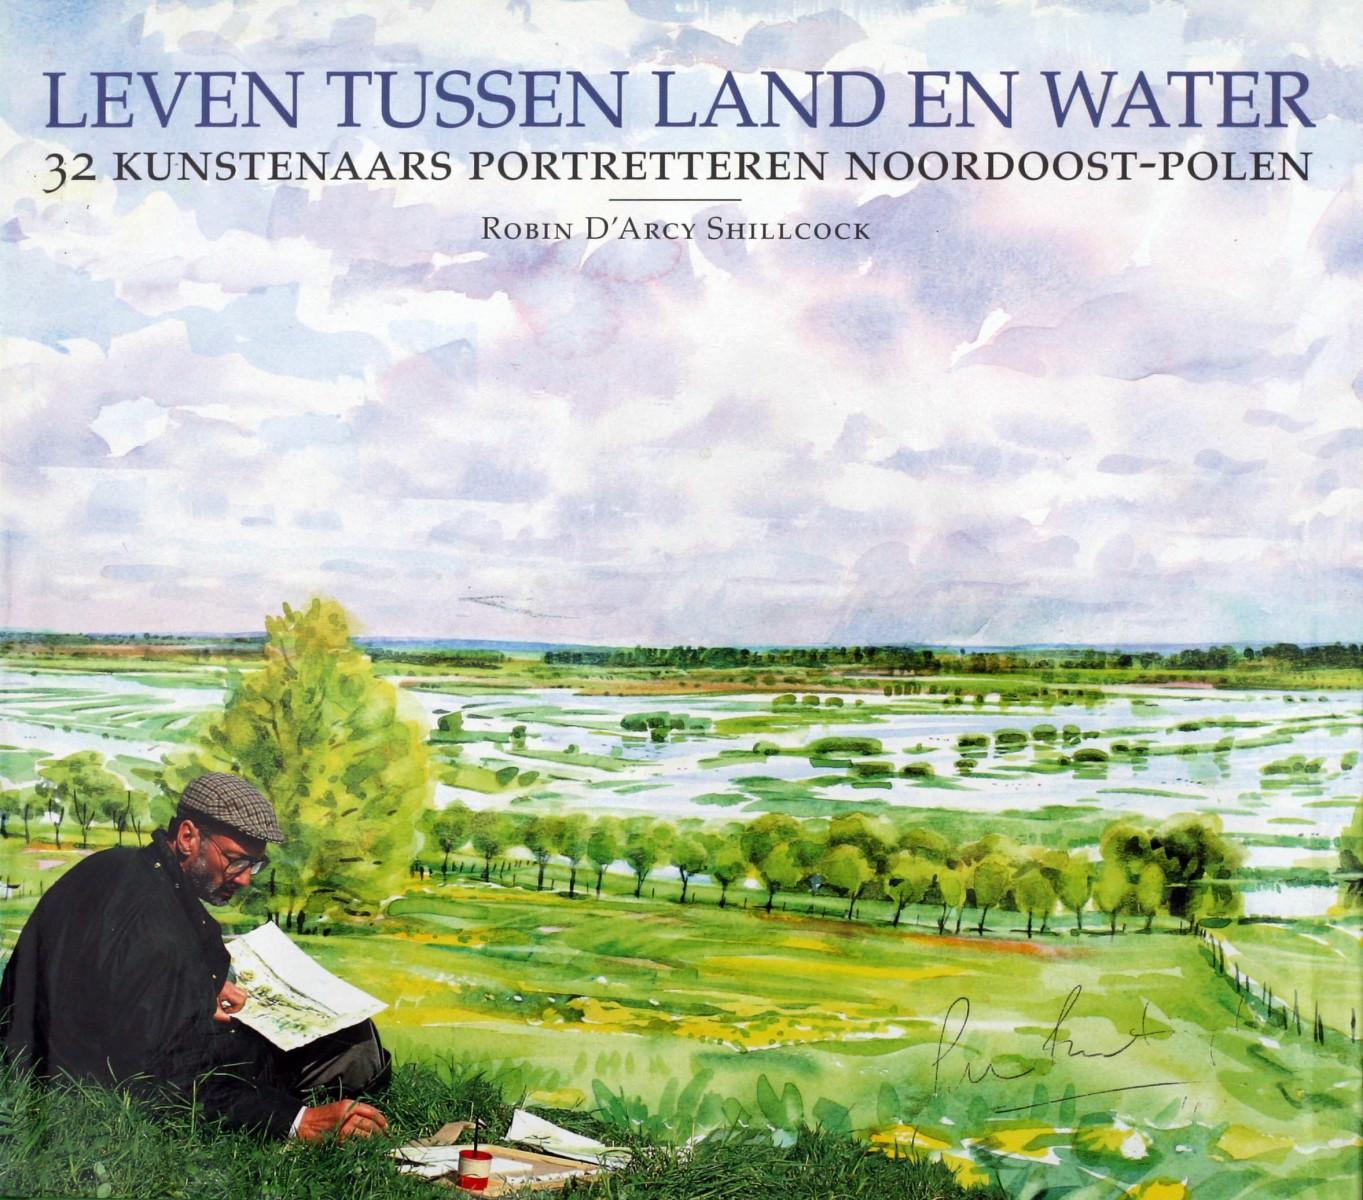 Leven-tussen-Land-en-Water1993-cover